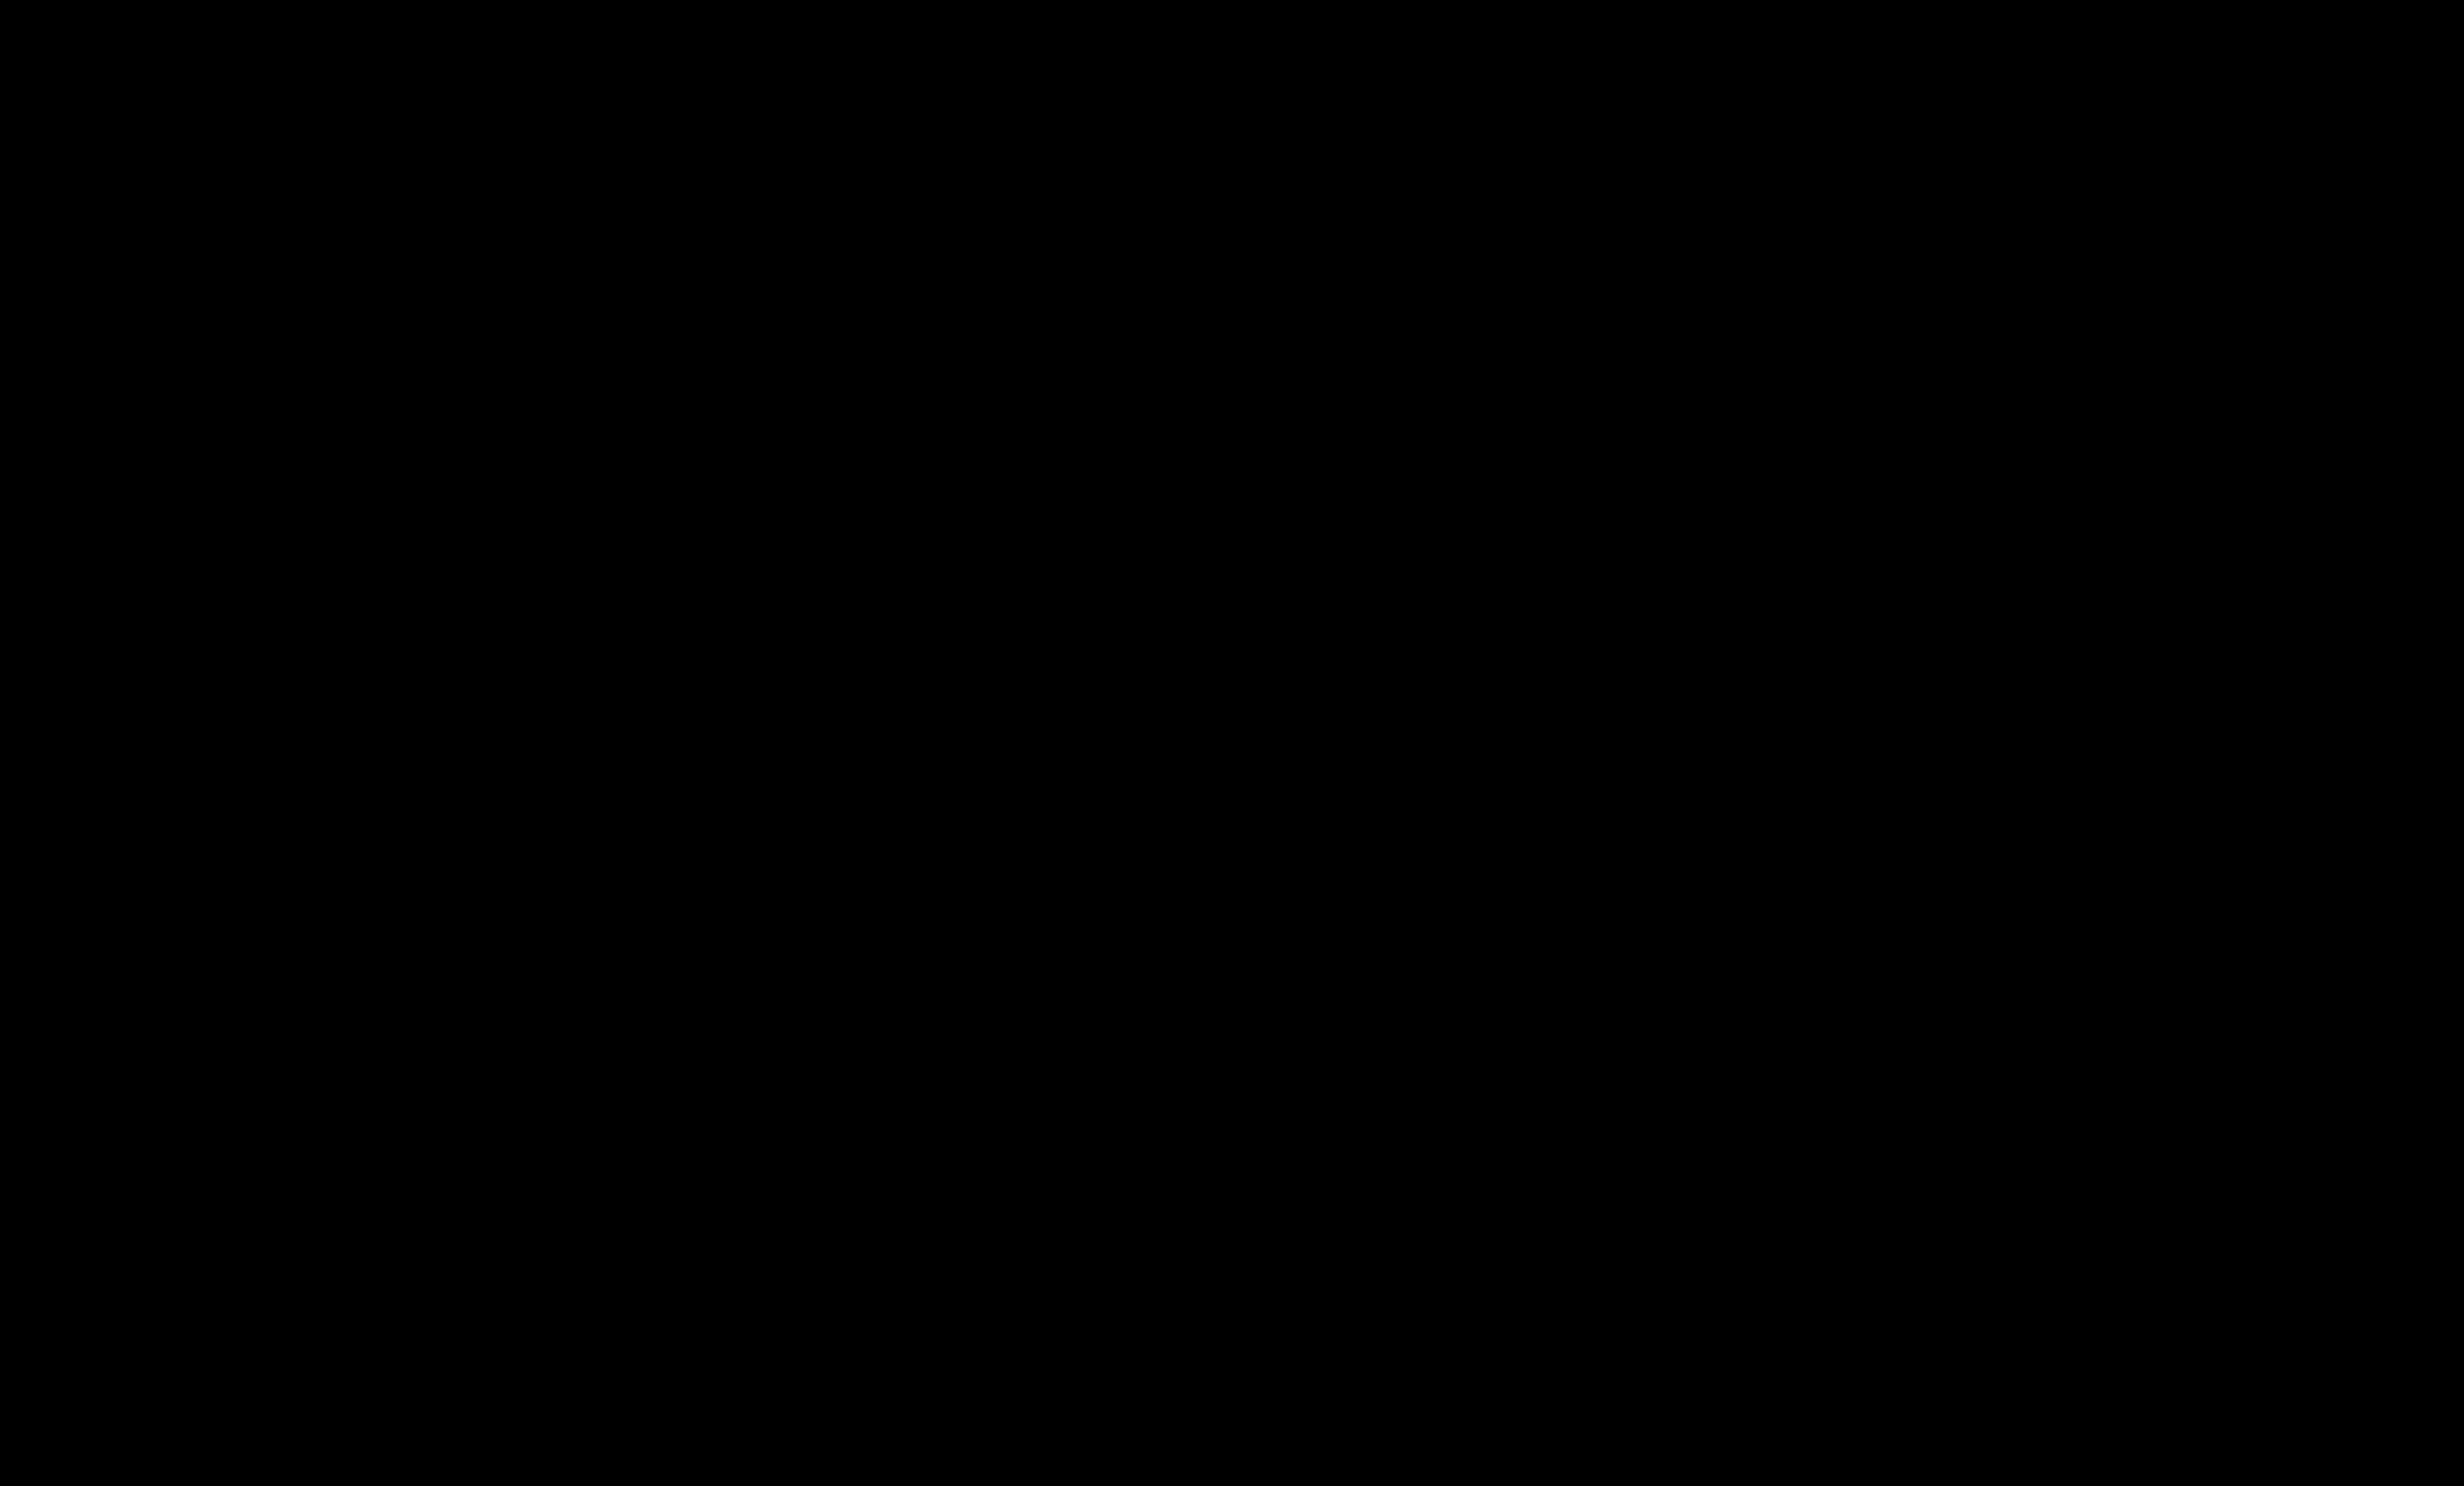 Compliance und Revisionssicherheit – zwei nicht zu trennende Aspekte